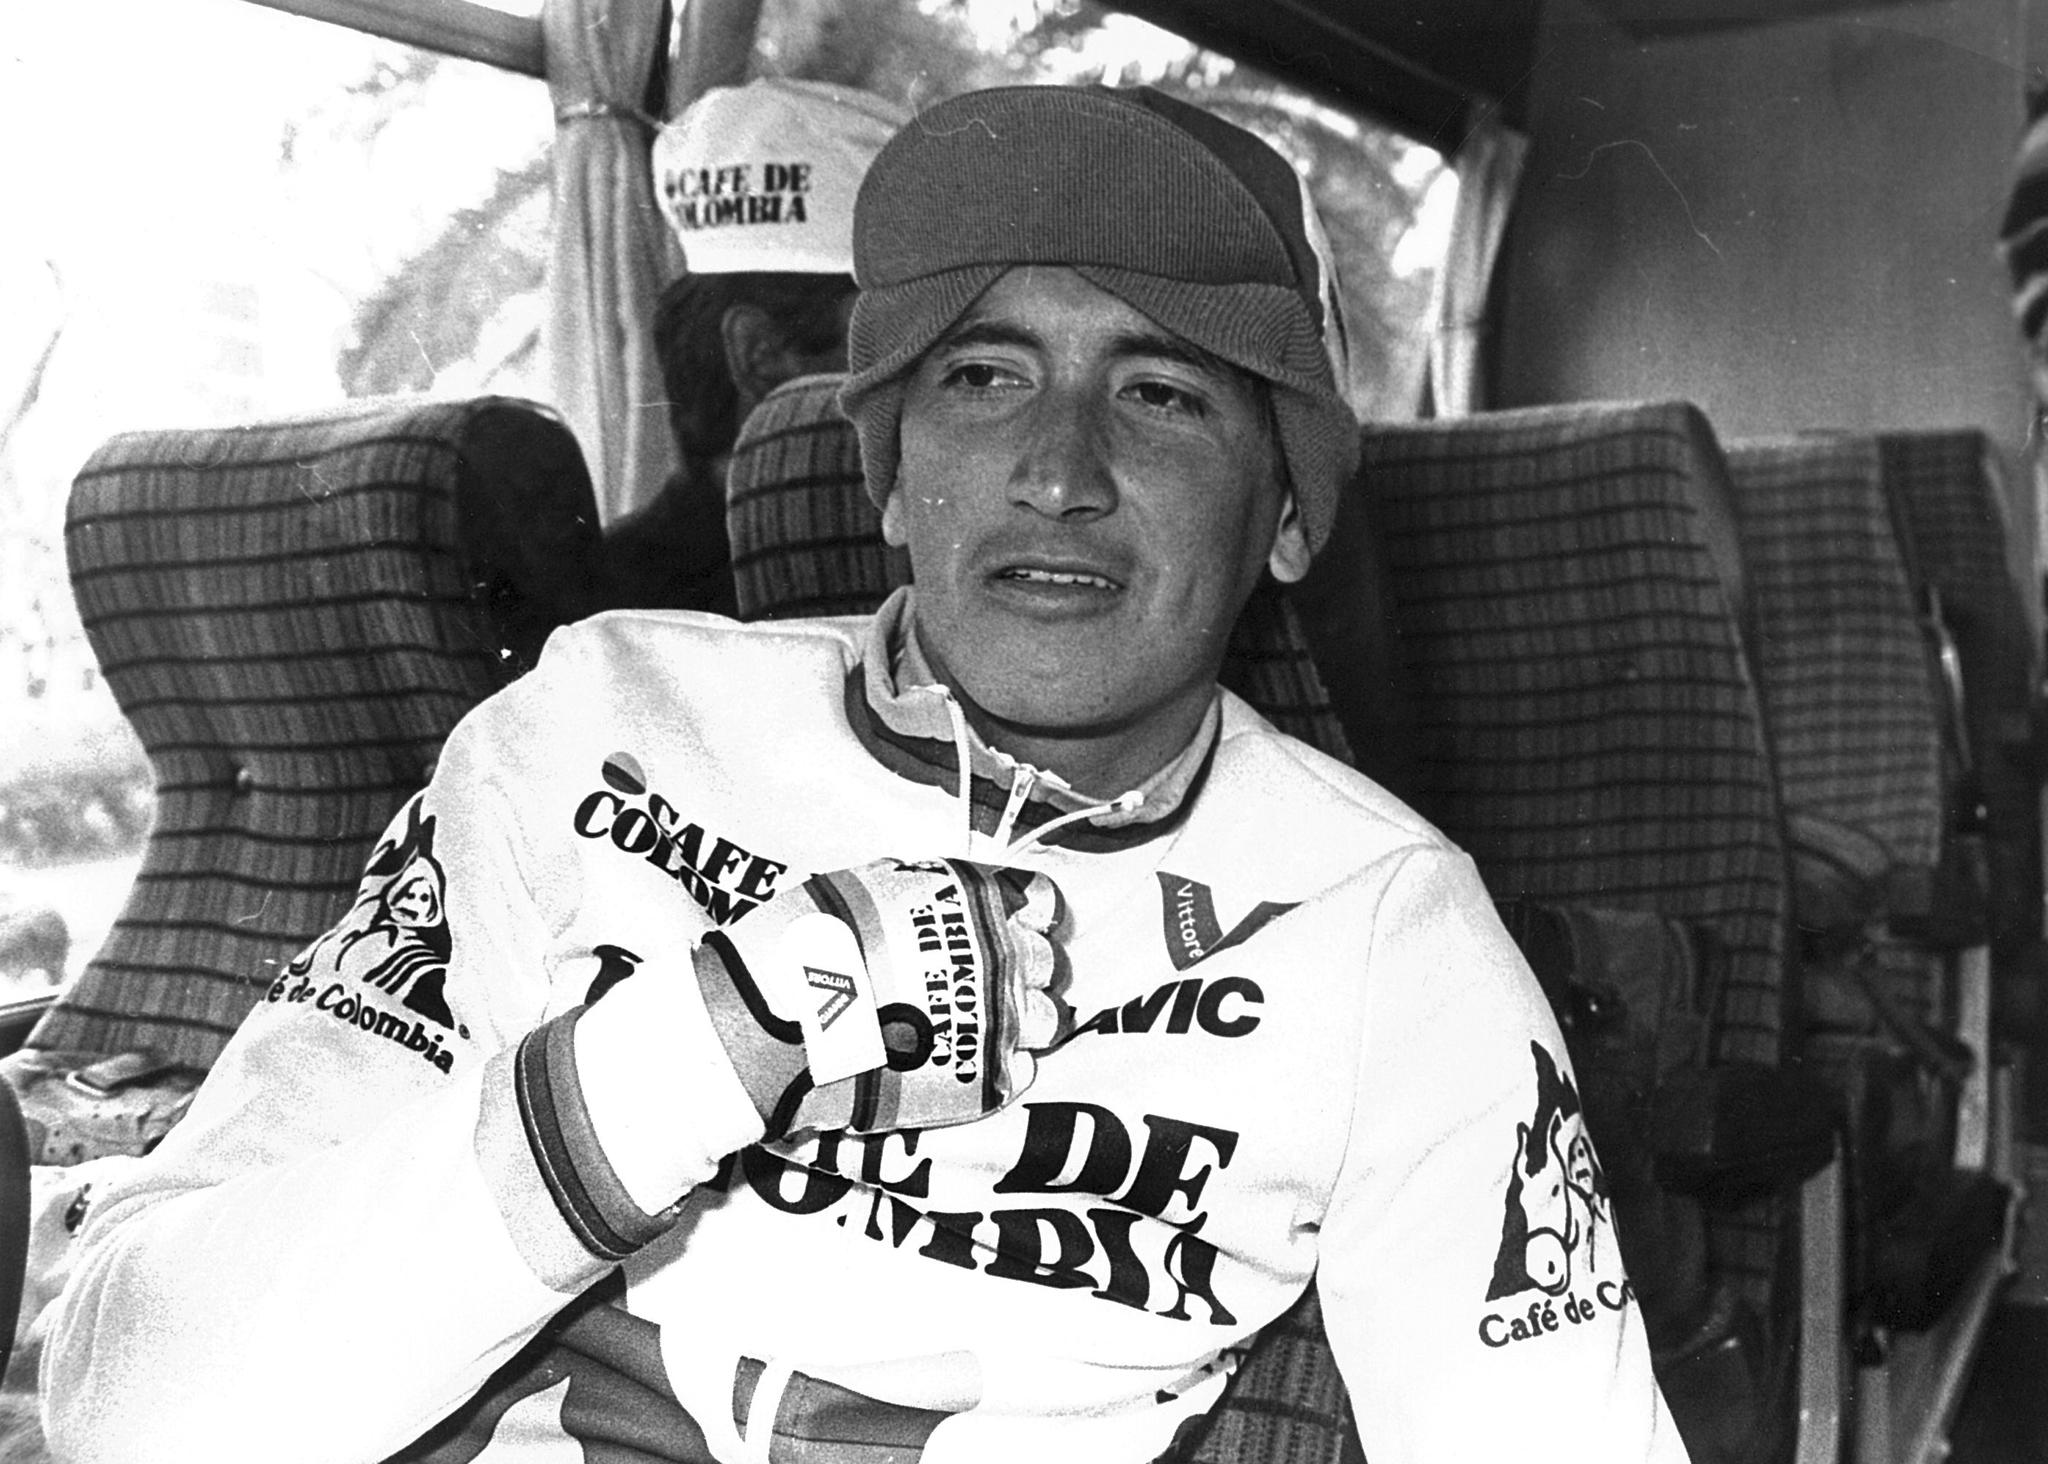 El ciclista colombiano en el autobús de su equipo de camino a un entrenamiento